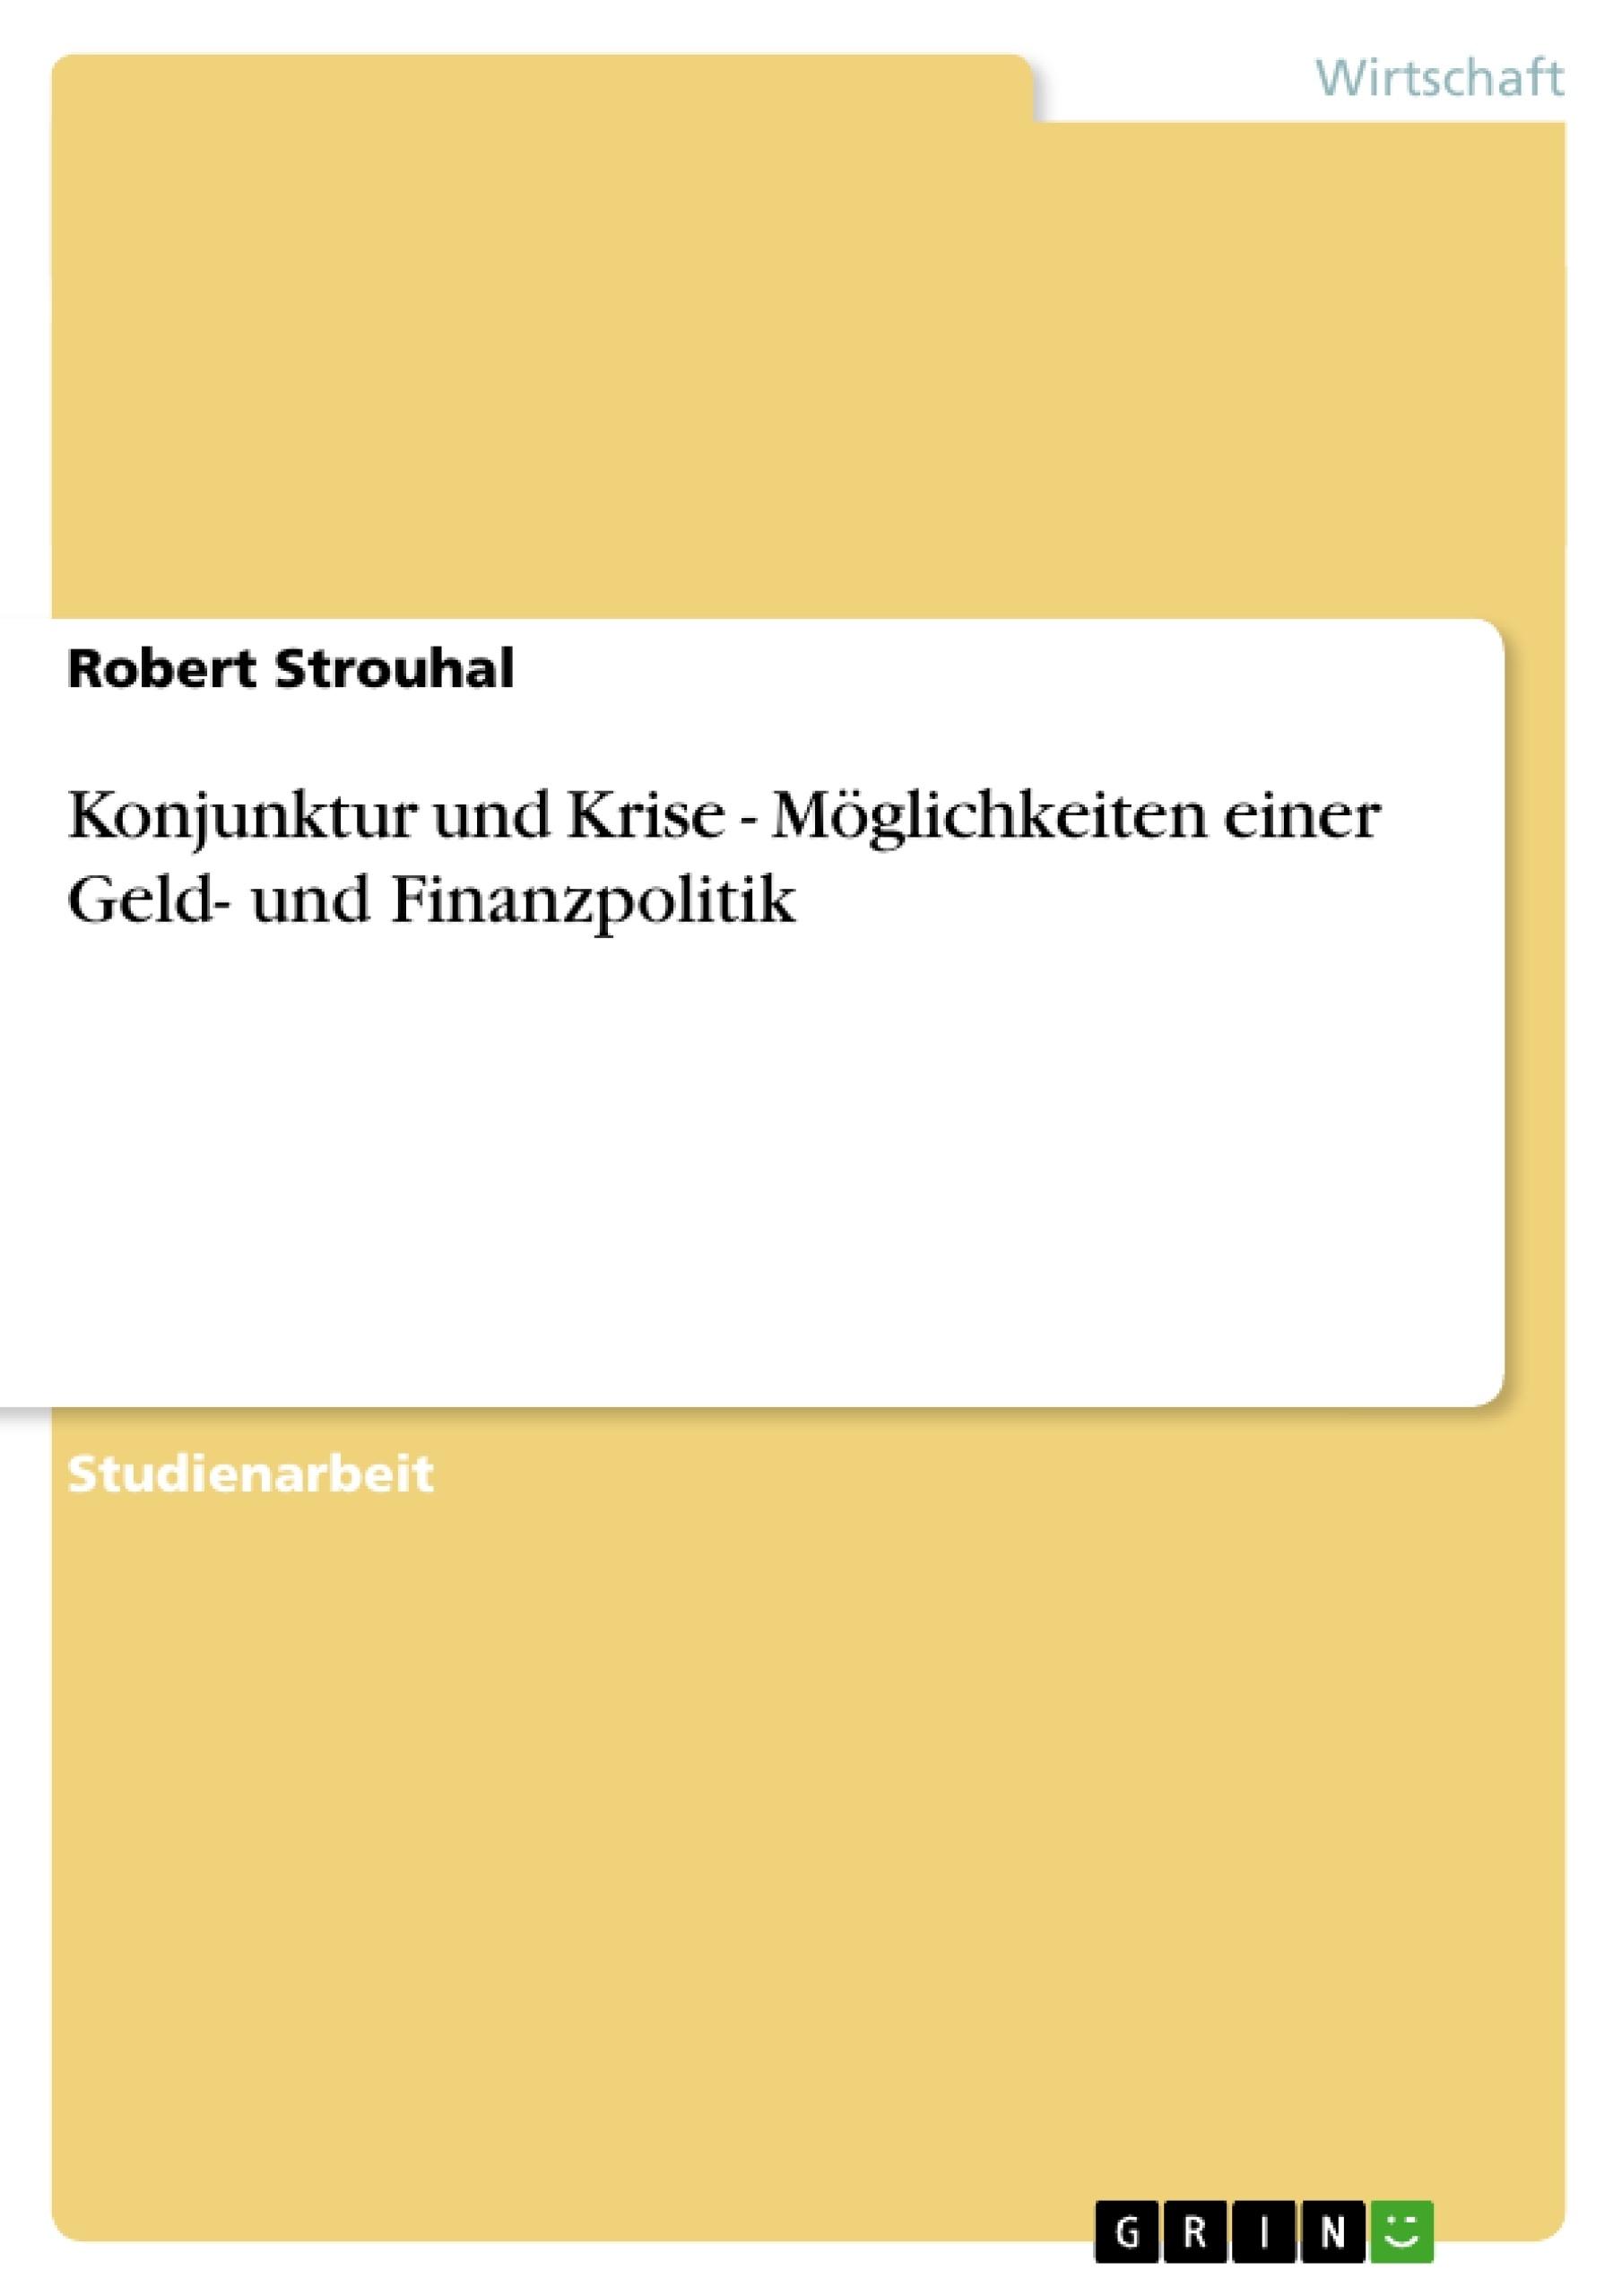 Titel: Konjunktur und Krise - Möglichkeiten einer Geld- und Finanzpolitik